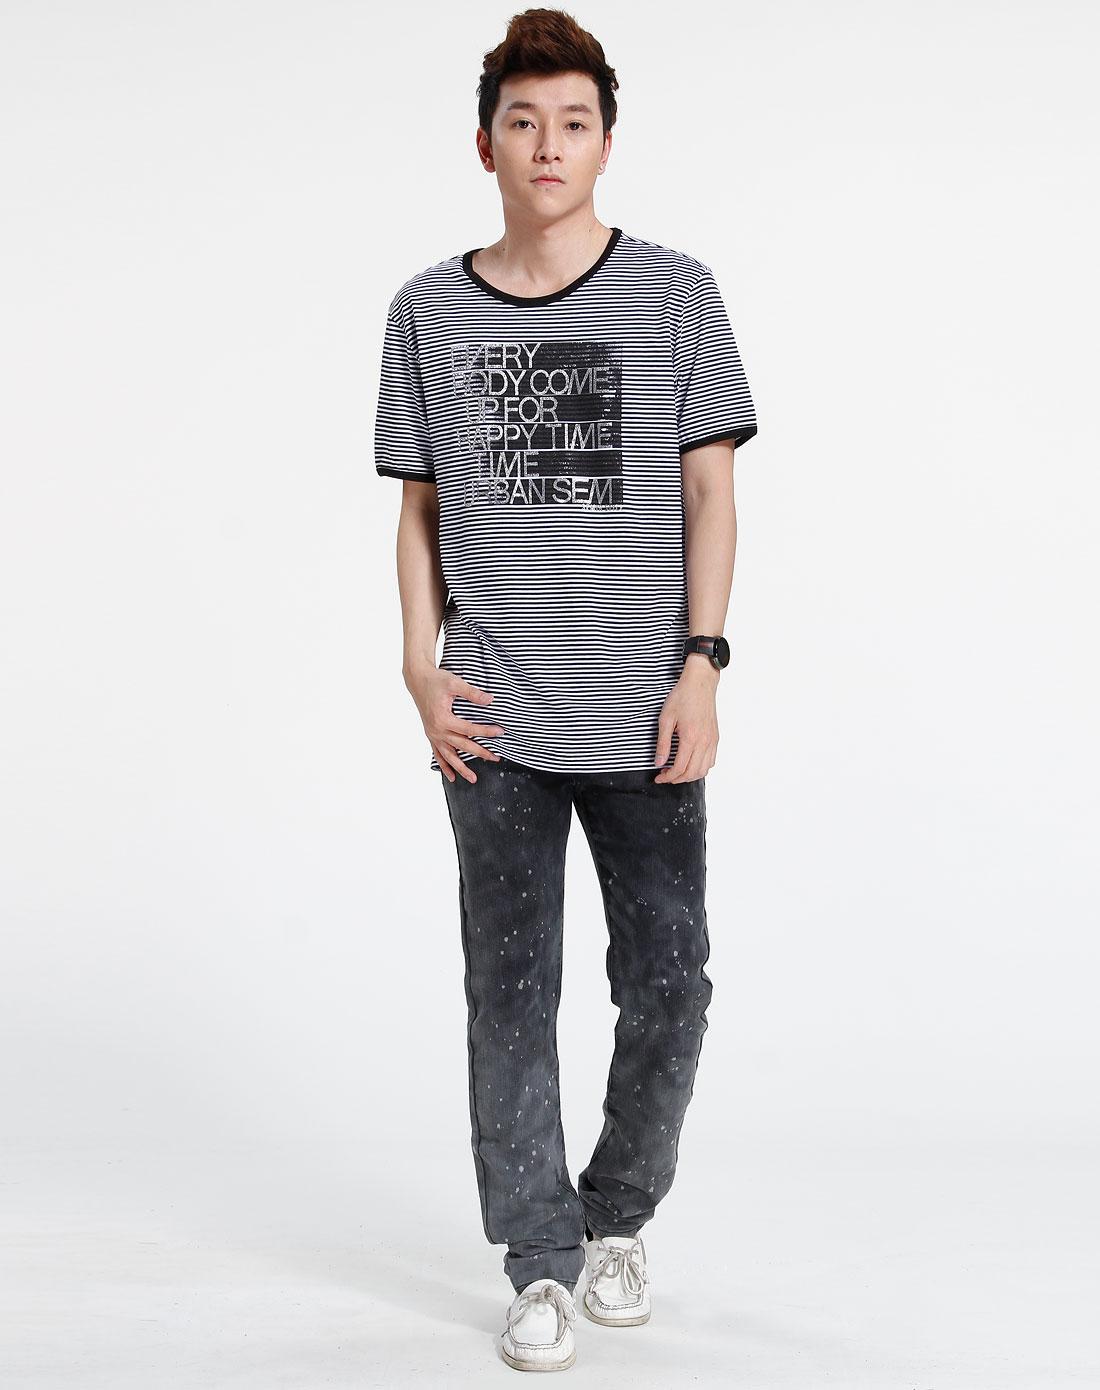 森马-男装-黑/白色短袖t恤图片